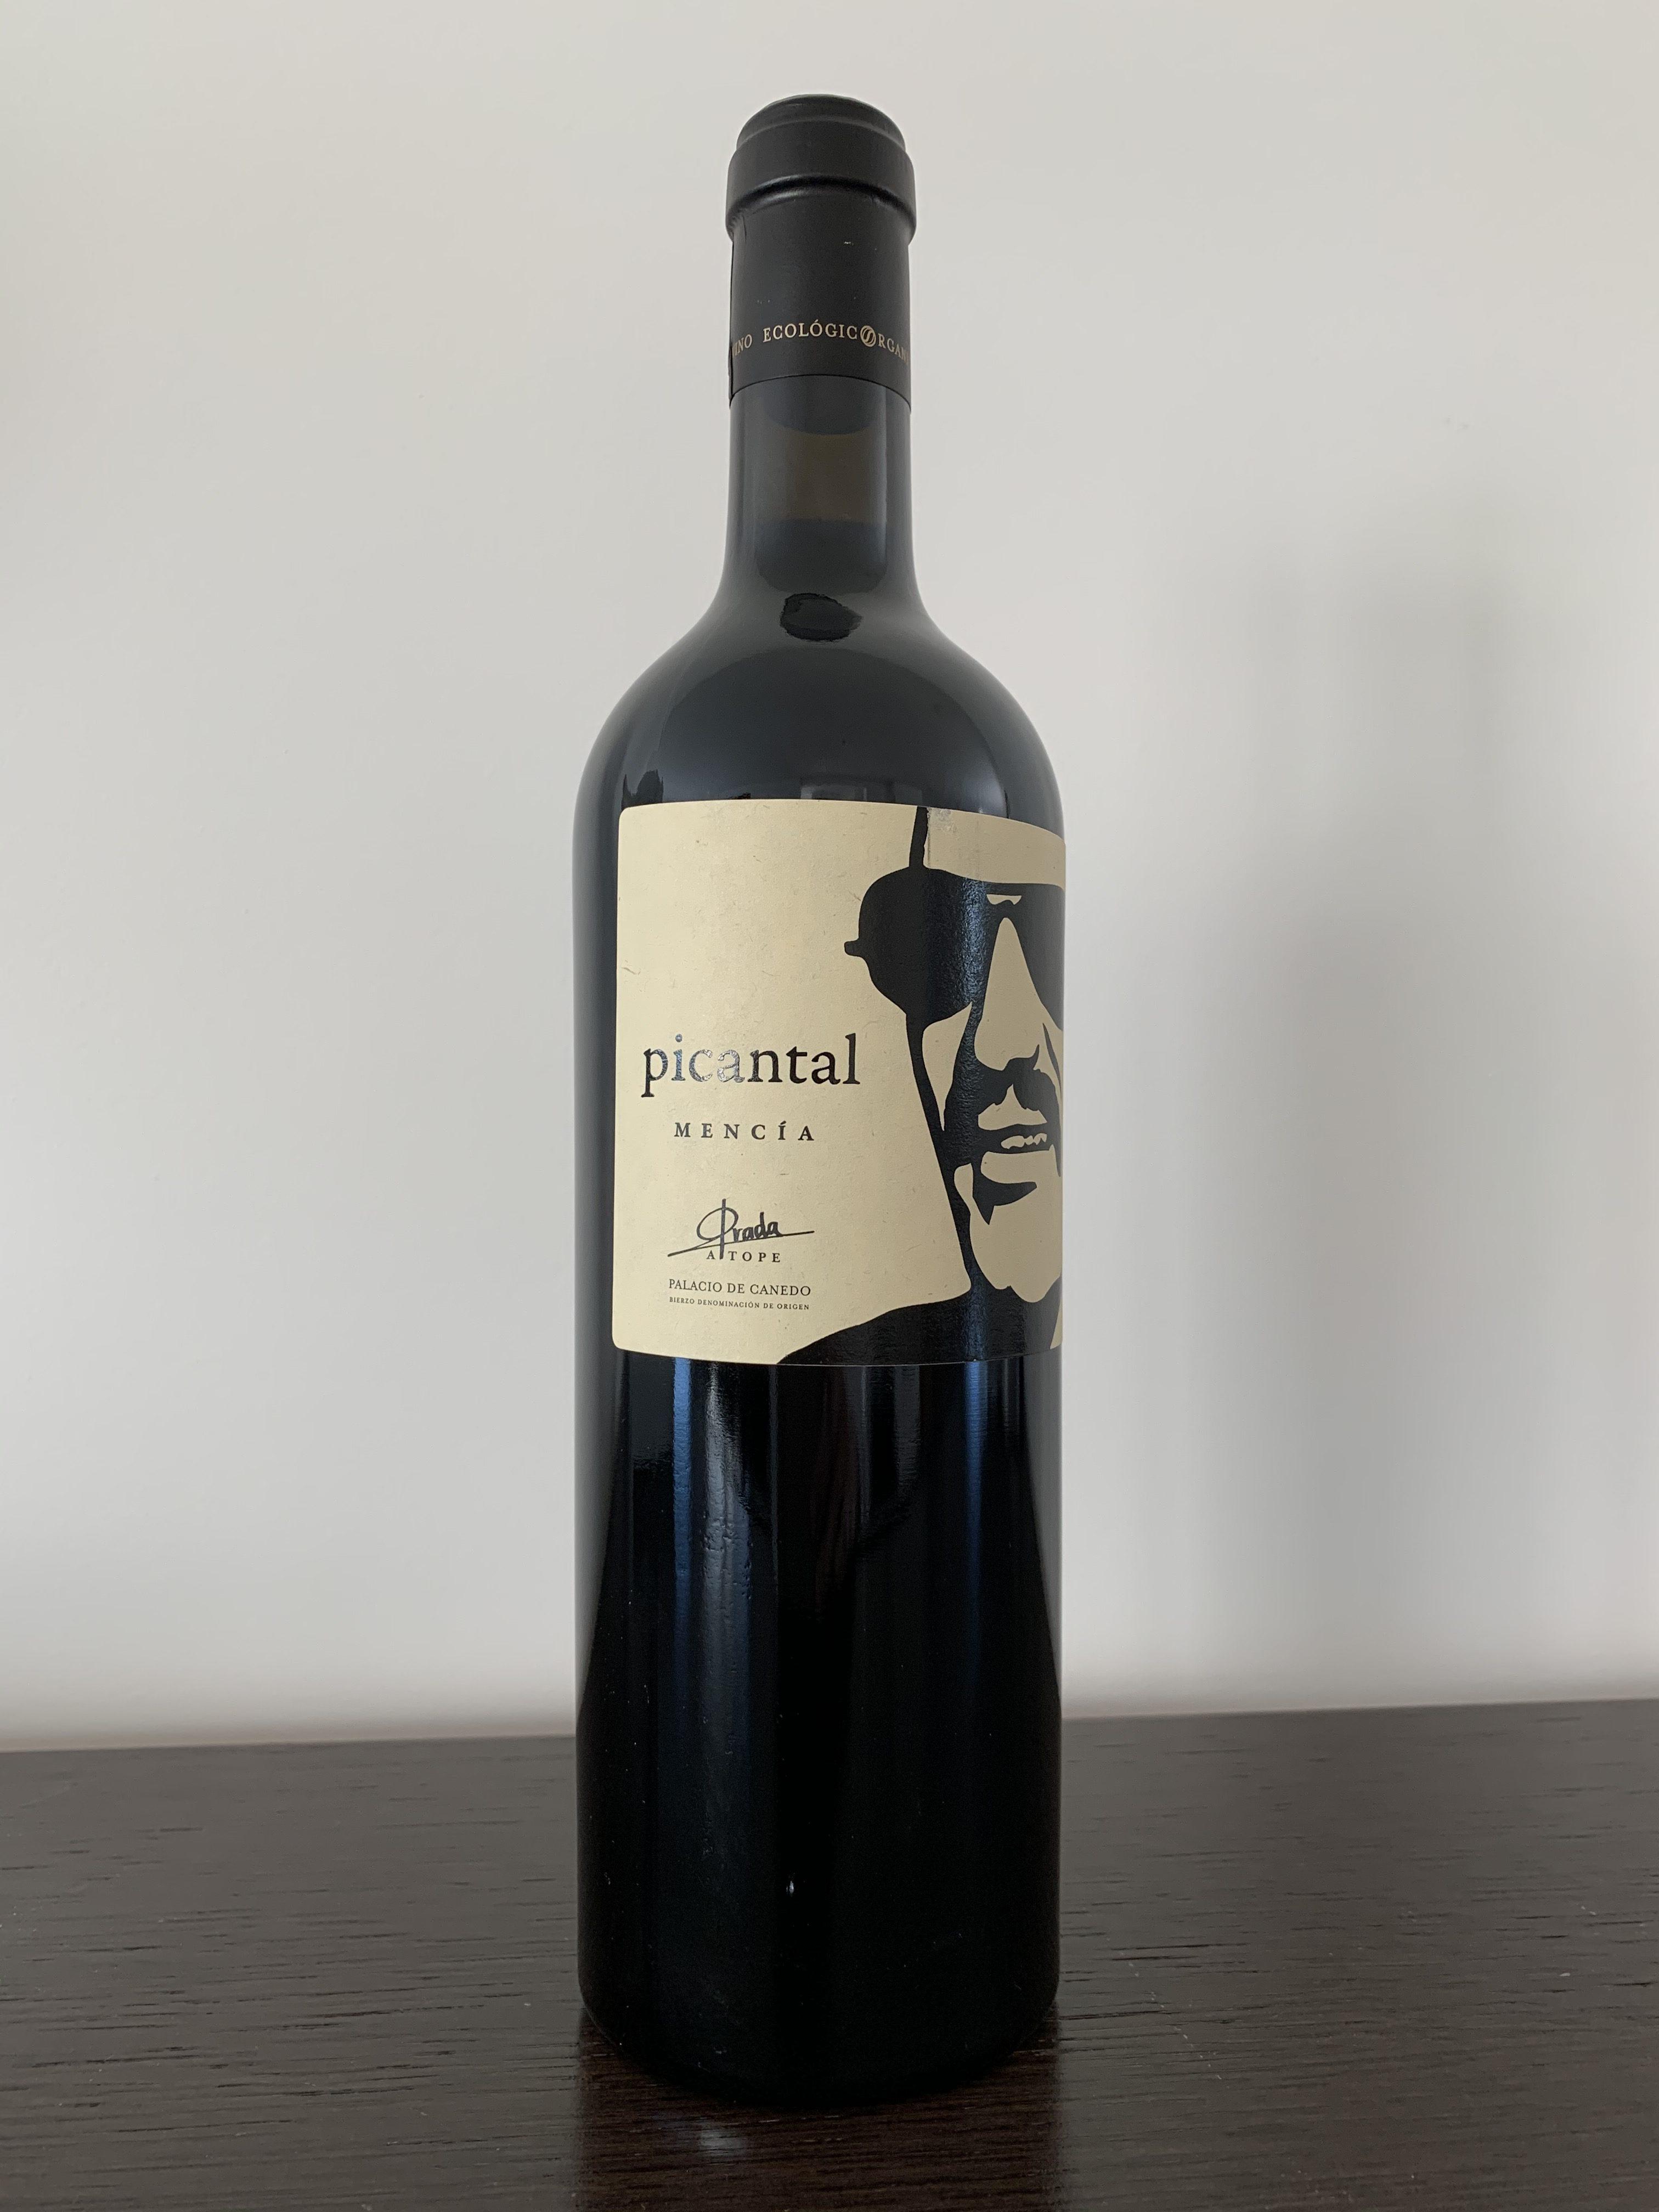 Prada Picantal